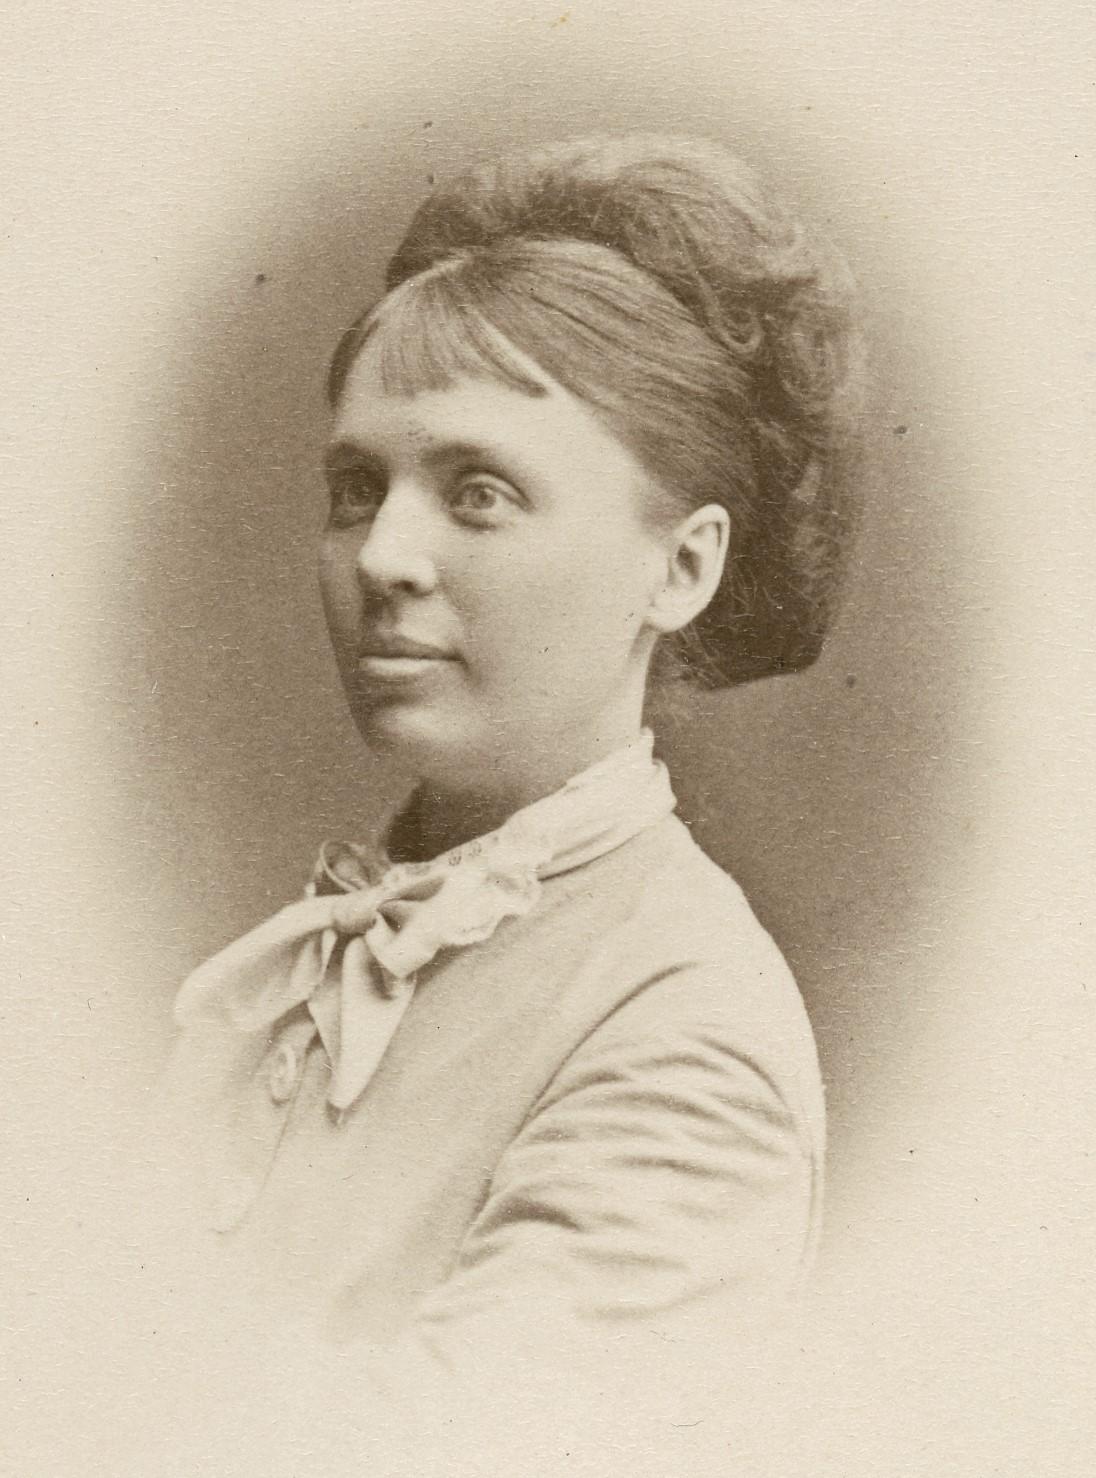 Fredrika Stenhammar, 1870. Foto: Gösta Florman (1831-1900). Musik- och teaterbiblioteket, Stockholm (H7 172)